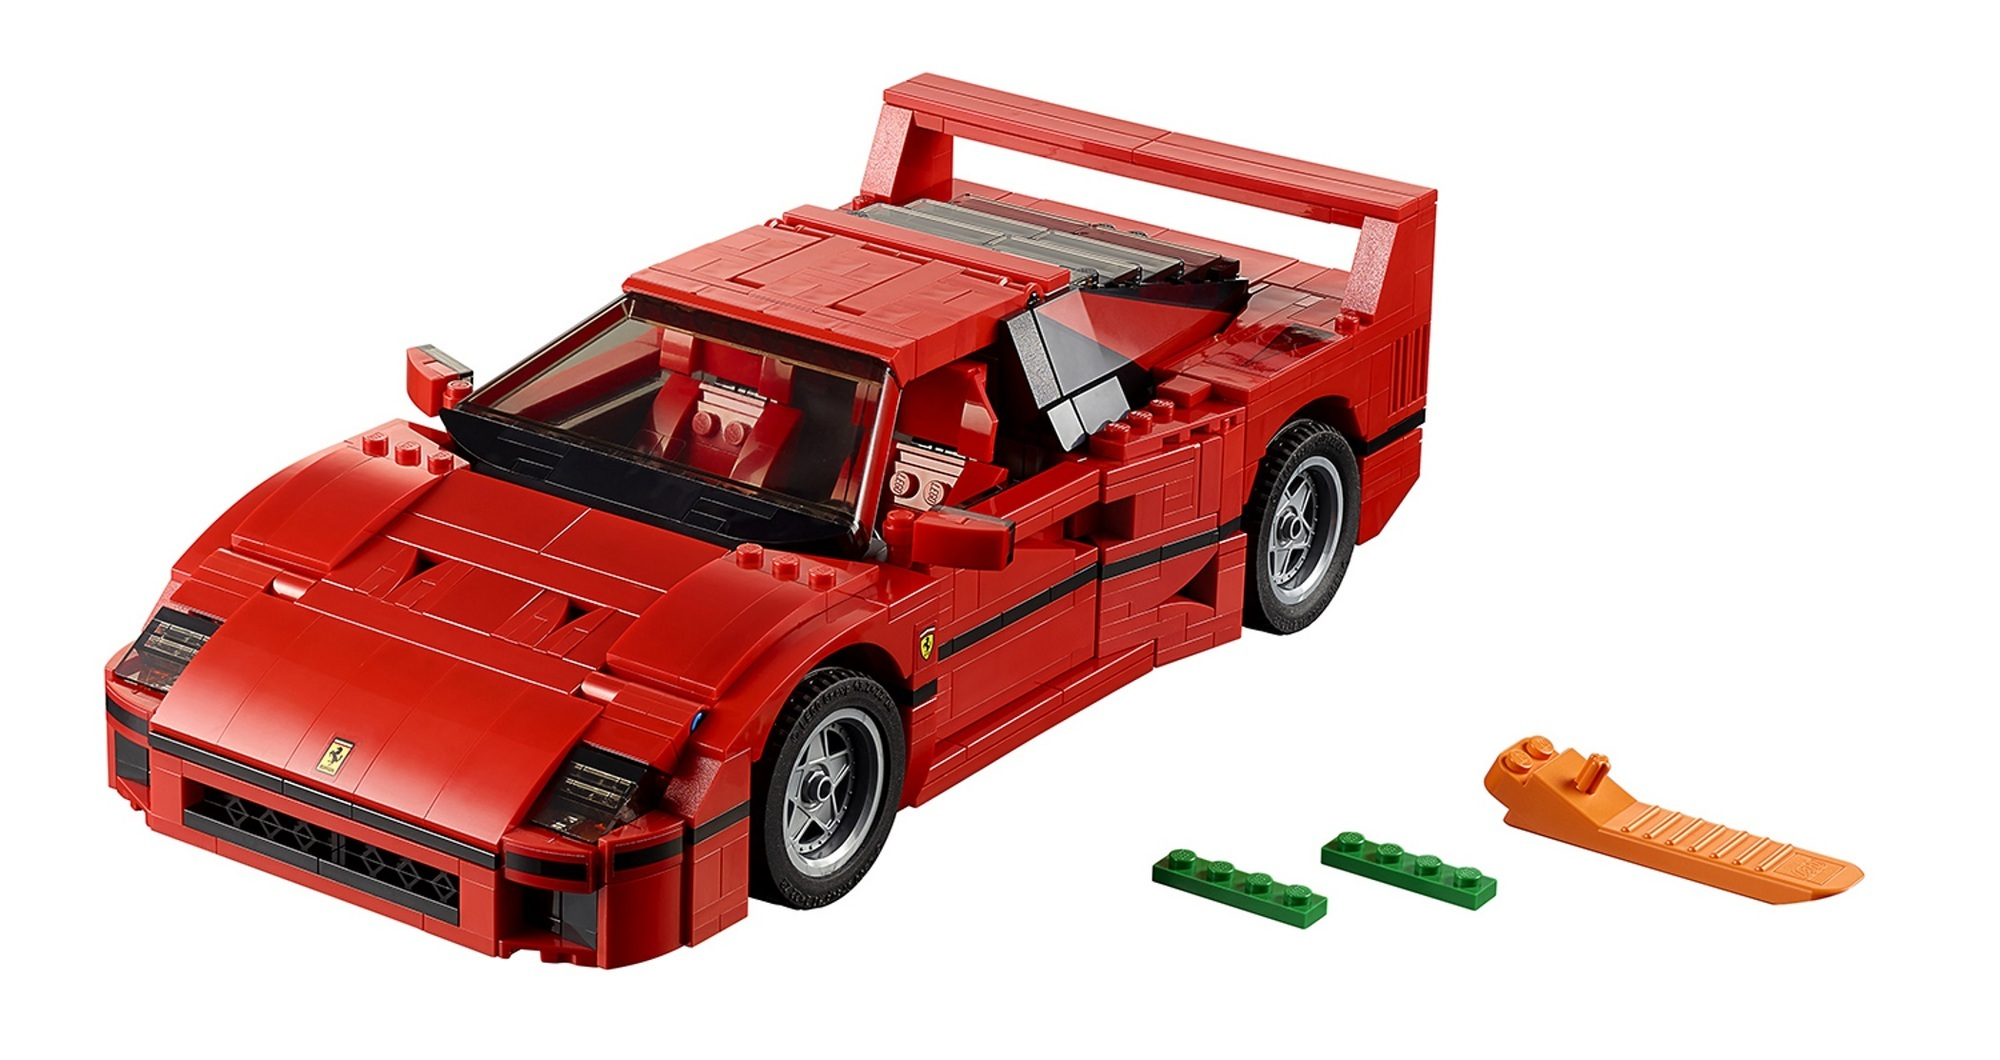 Ferrari F40 von Lego - Da kann jeder zum Sportwagen-Sammler werden